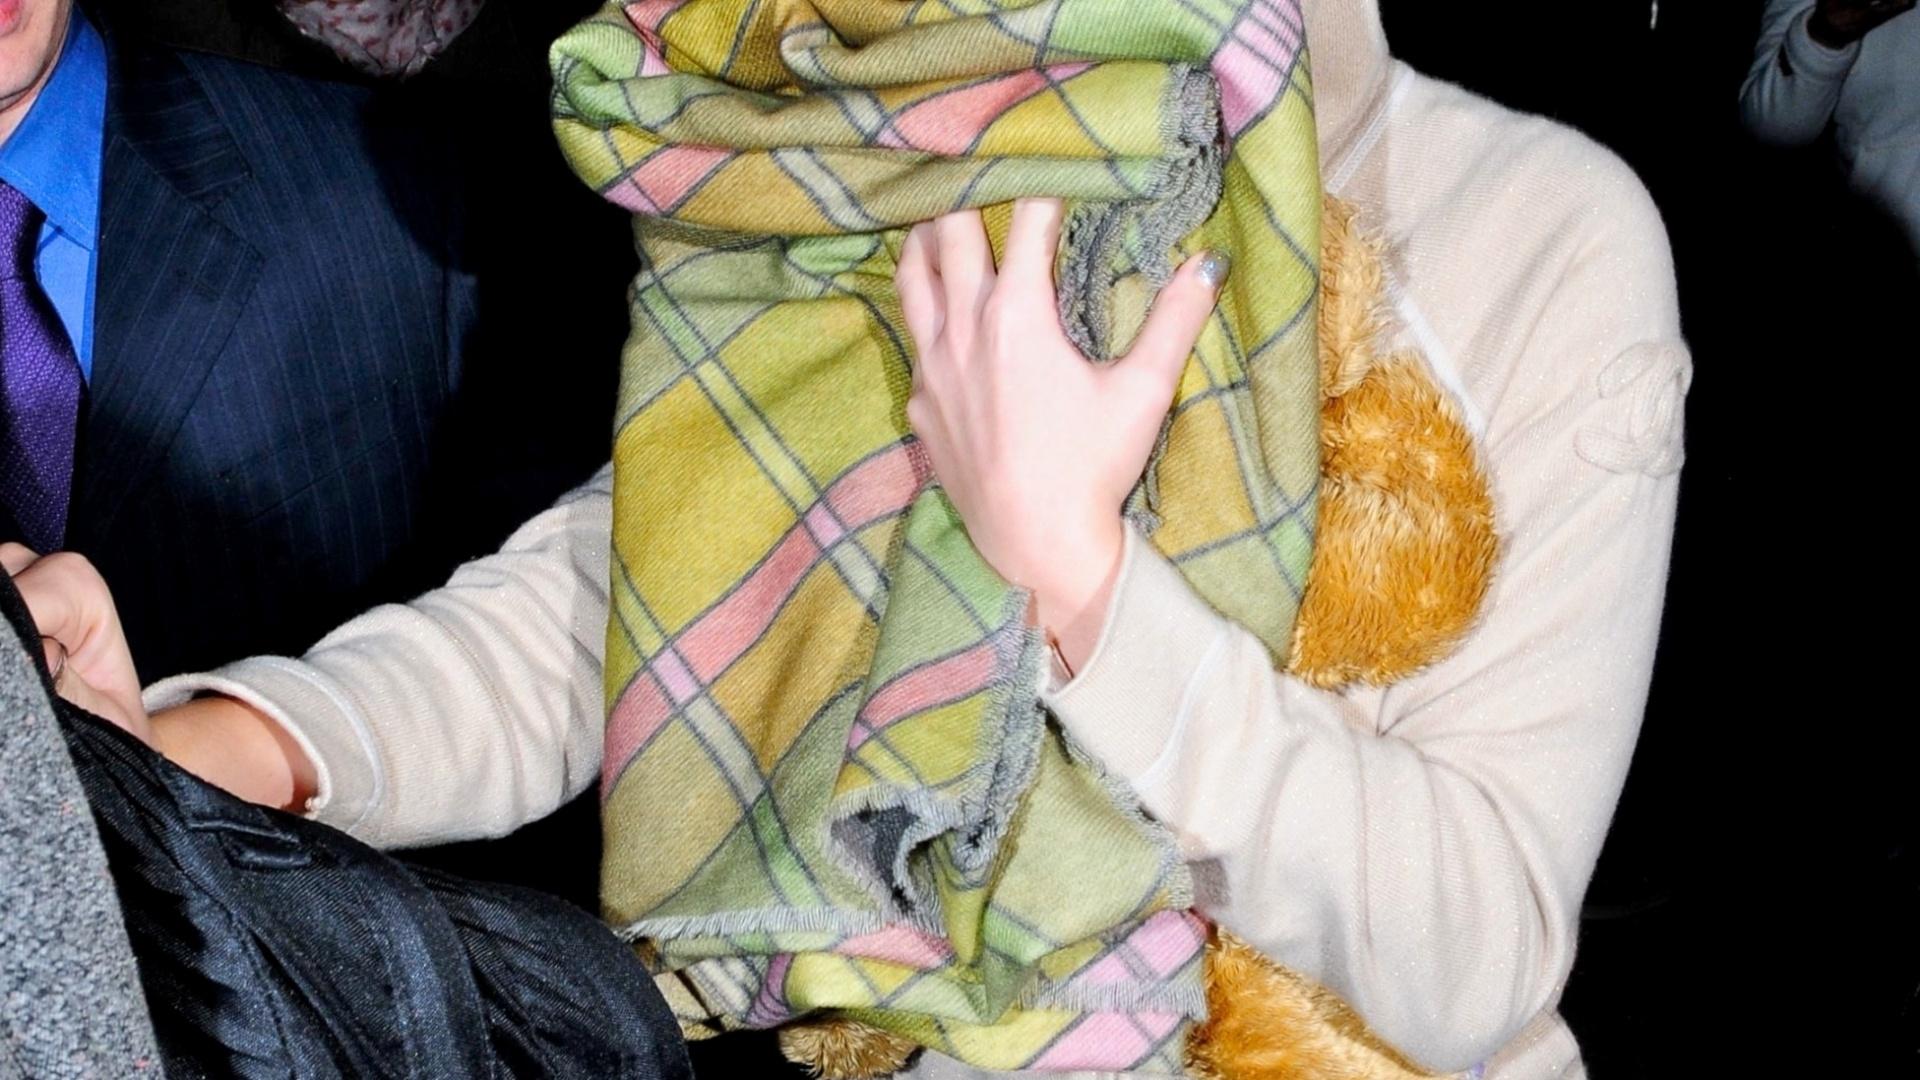 Katy Perry se esconde dos fotógrafos com um cobertor em sua chegada no aeroporto de Los Angeles, EUA (25/3/2012)